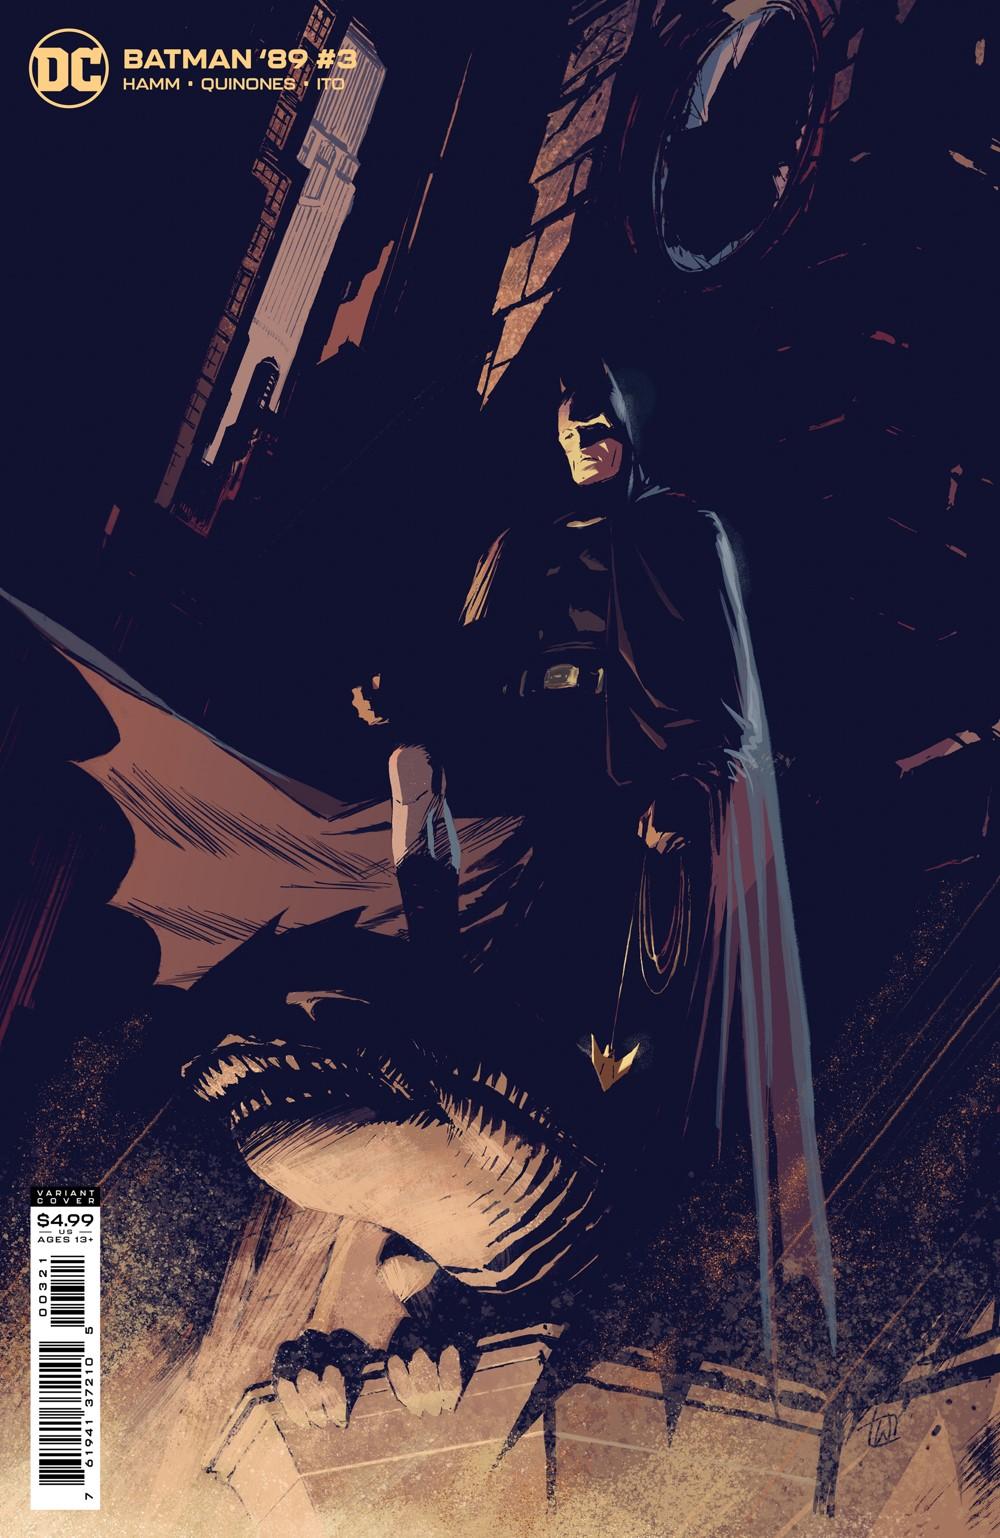 BM89_Cv3_var_00321 DC Comics October 2021 Solicitations